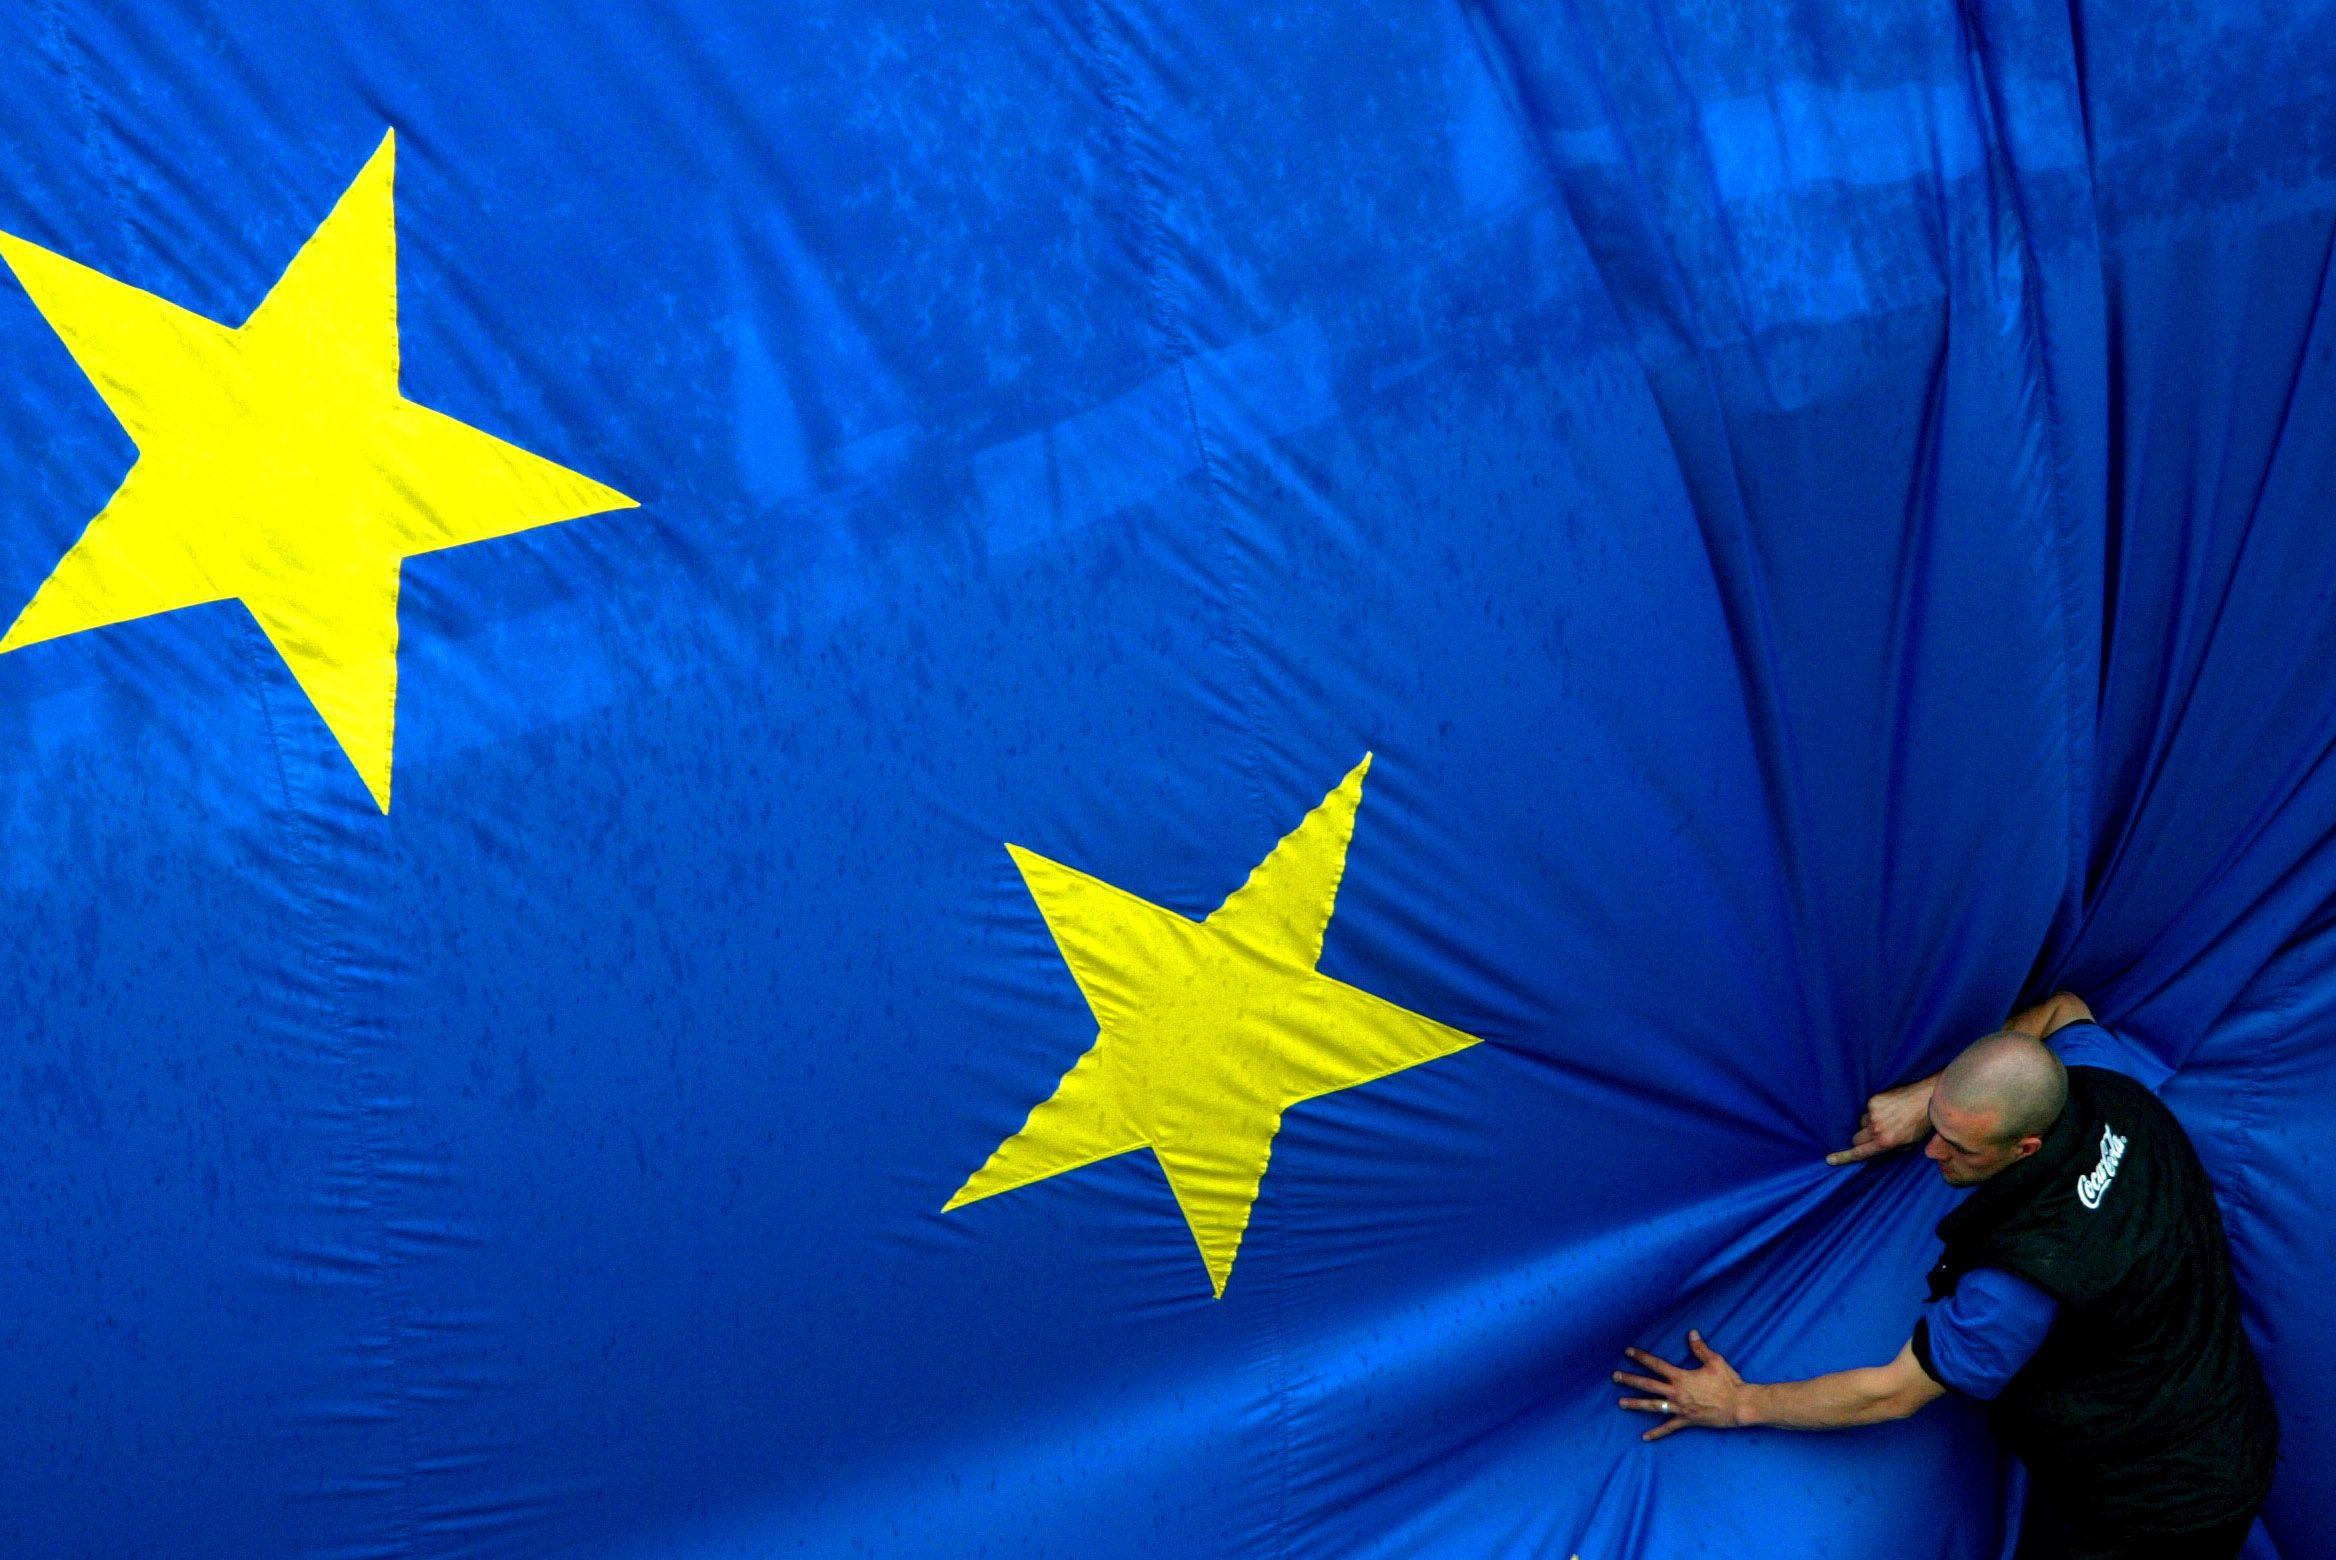 Et maintenant cap sur les européennes avec des Français en plein euroscepticisme : en faire plus ou en faire moins, quelles pistes pour sortir de l'impasse ?